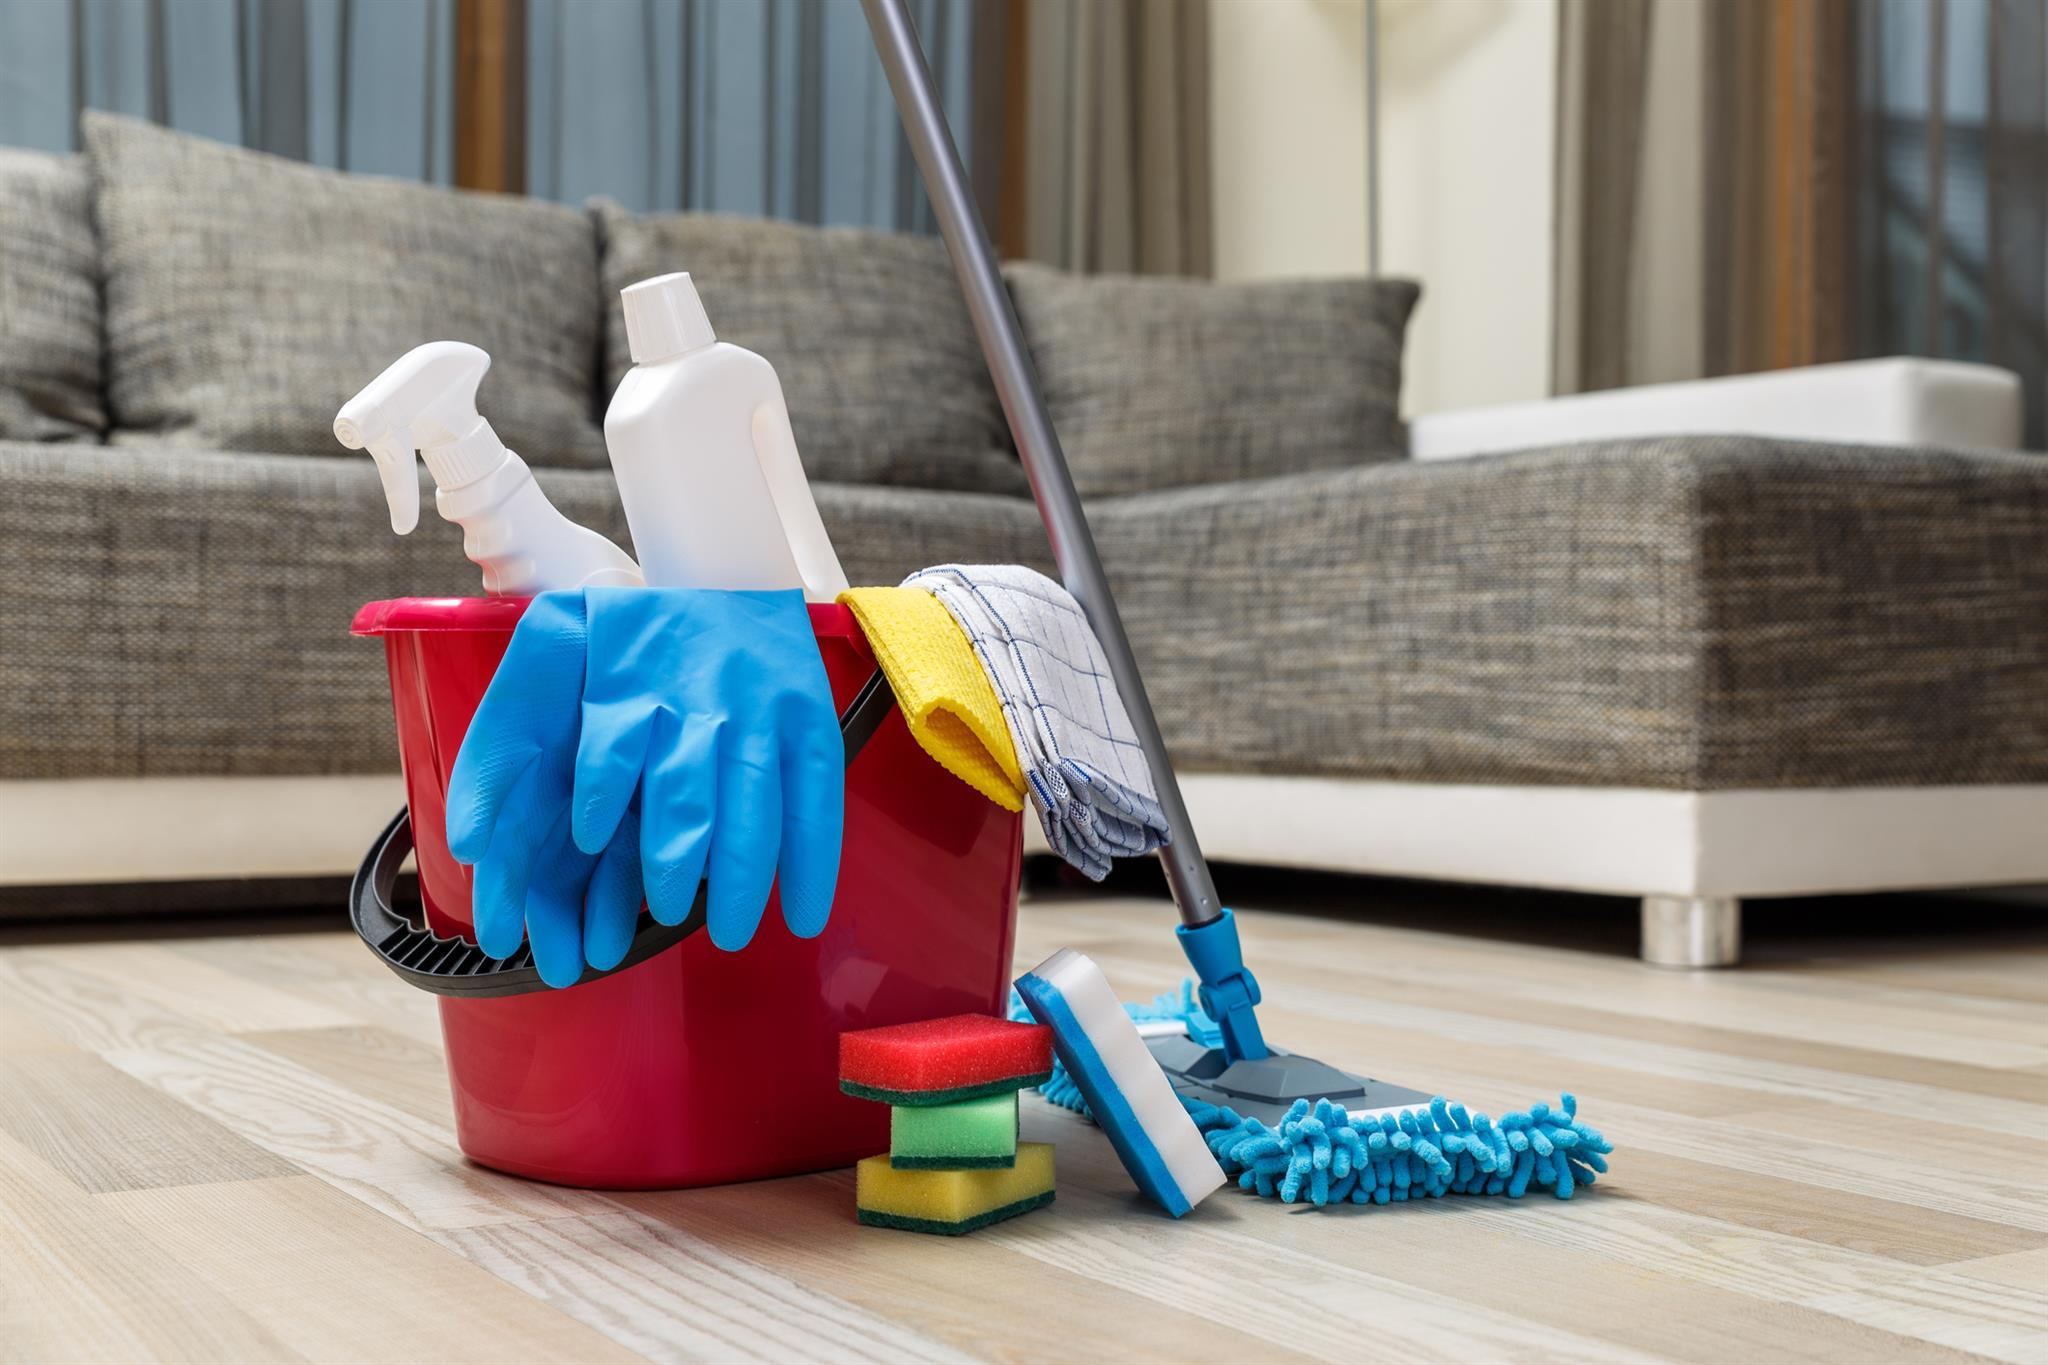 Alat Bersih-Bersih Yang Harus Diganti Dalam Jangka Waktu Tertentu